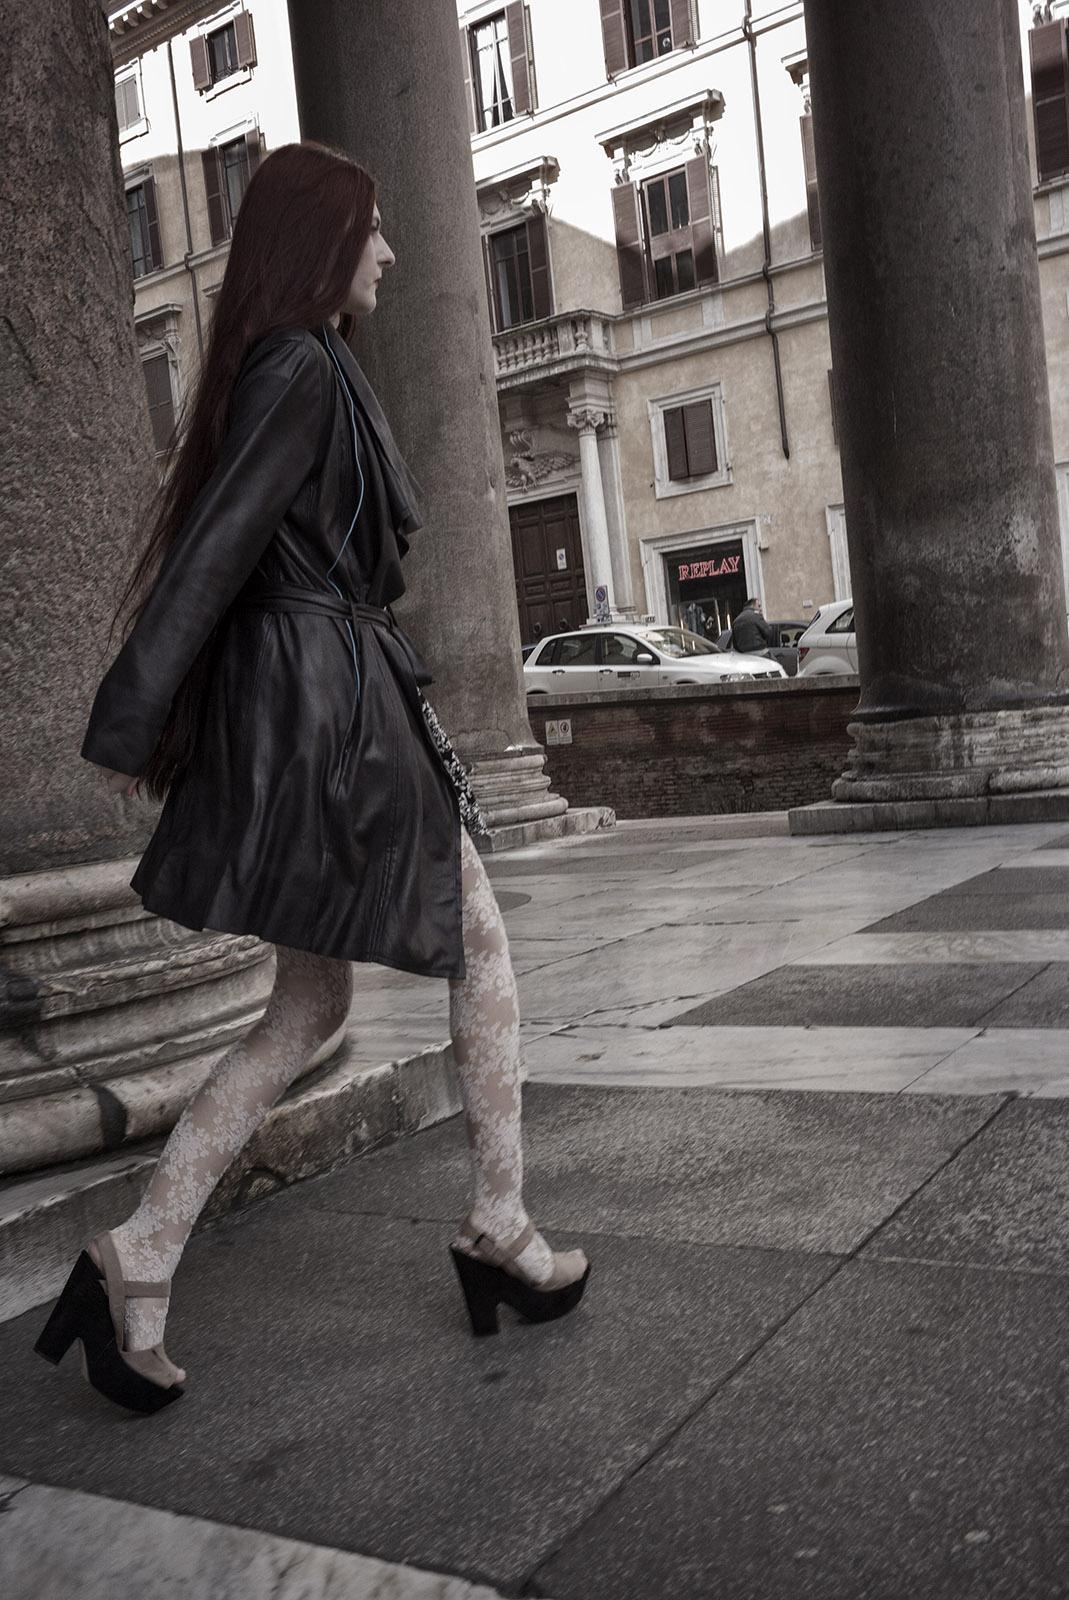 Roma_street_003V_1600.jpg